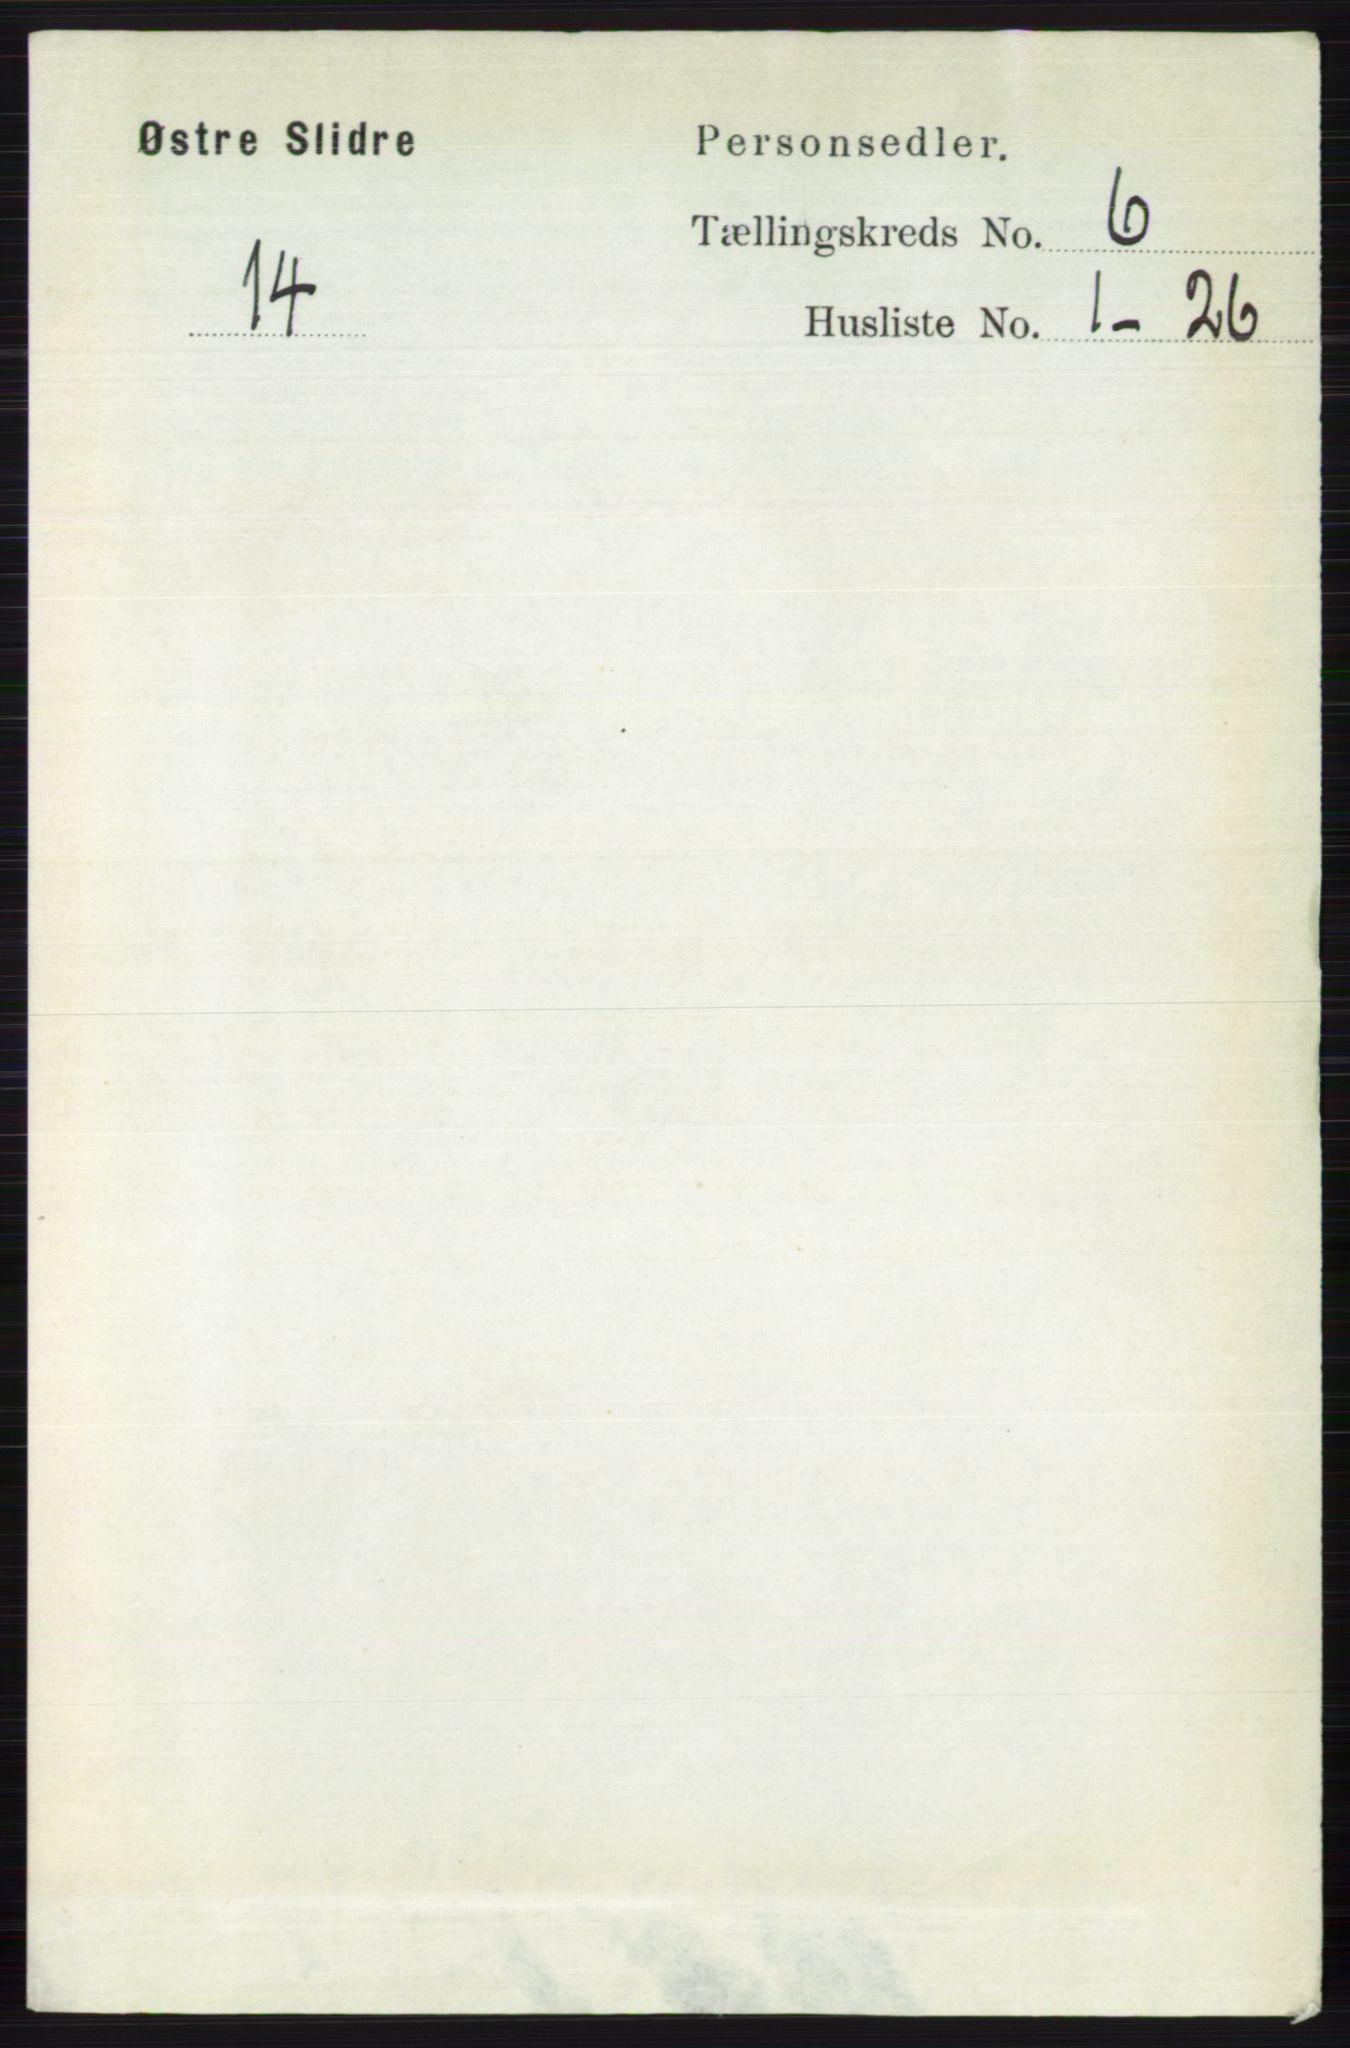 RA, Folketelling 1891 for 0544 Øystre Slidre herred, 1891, s. 1803